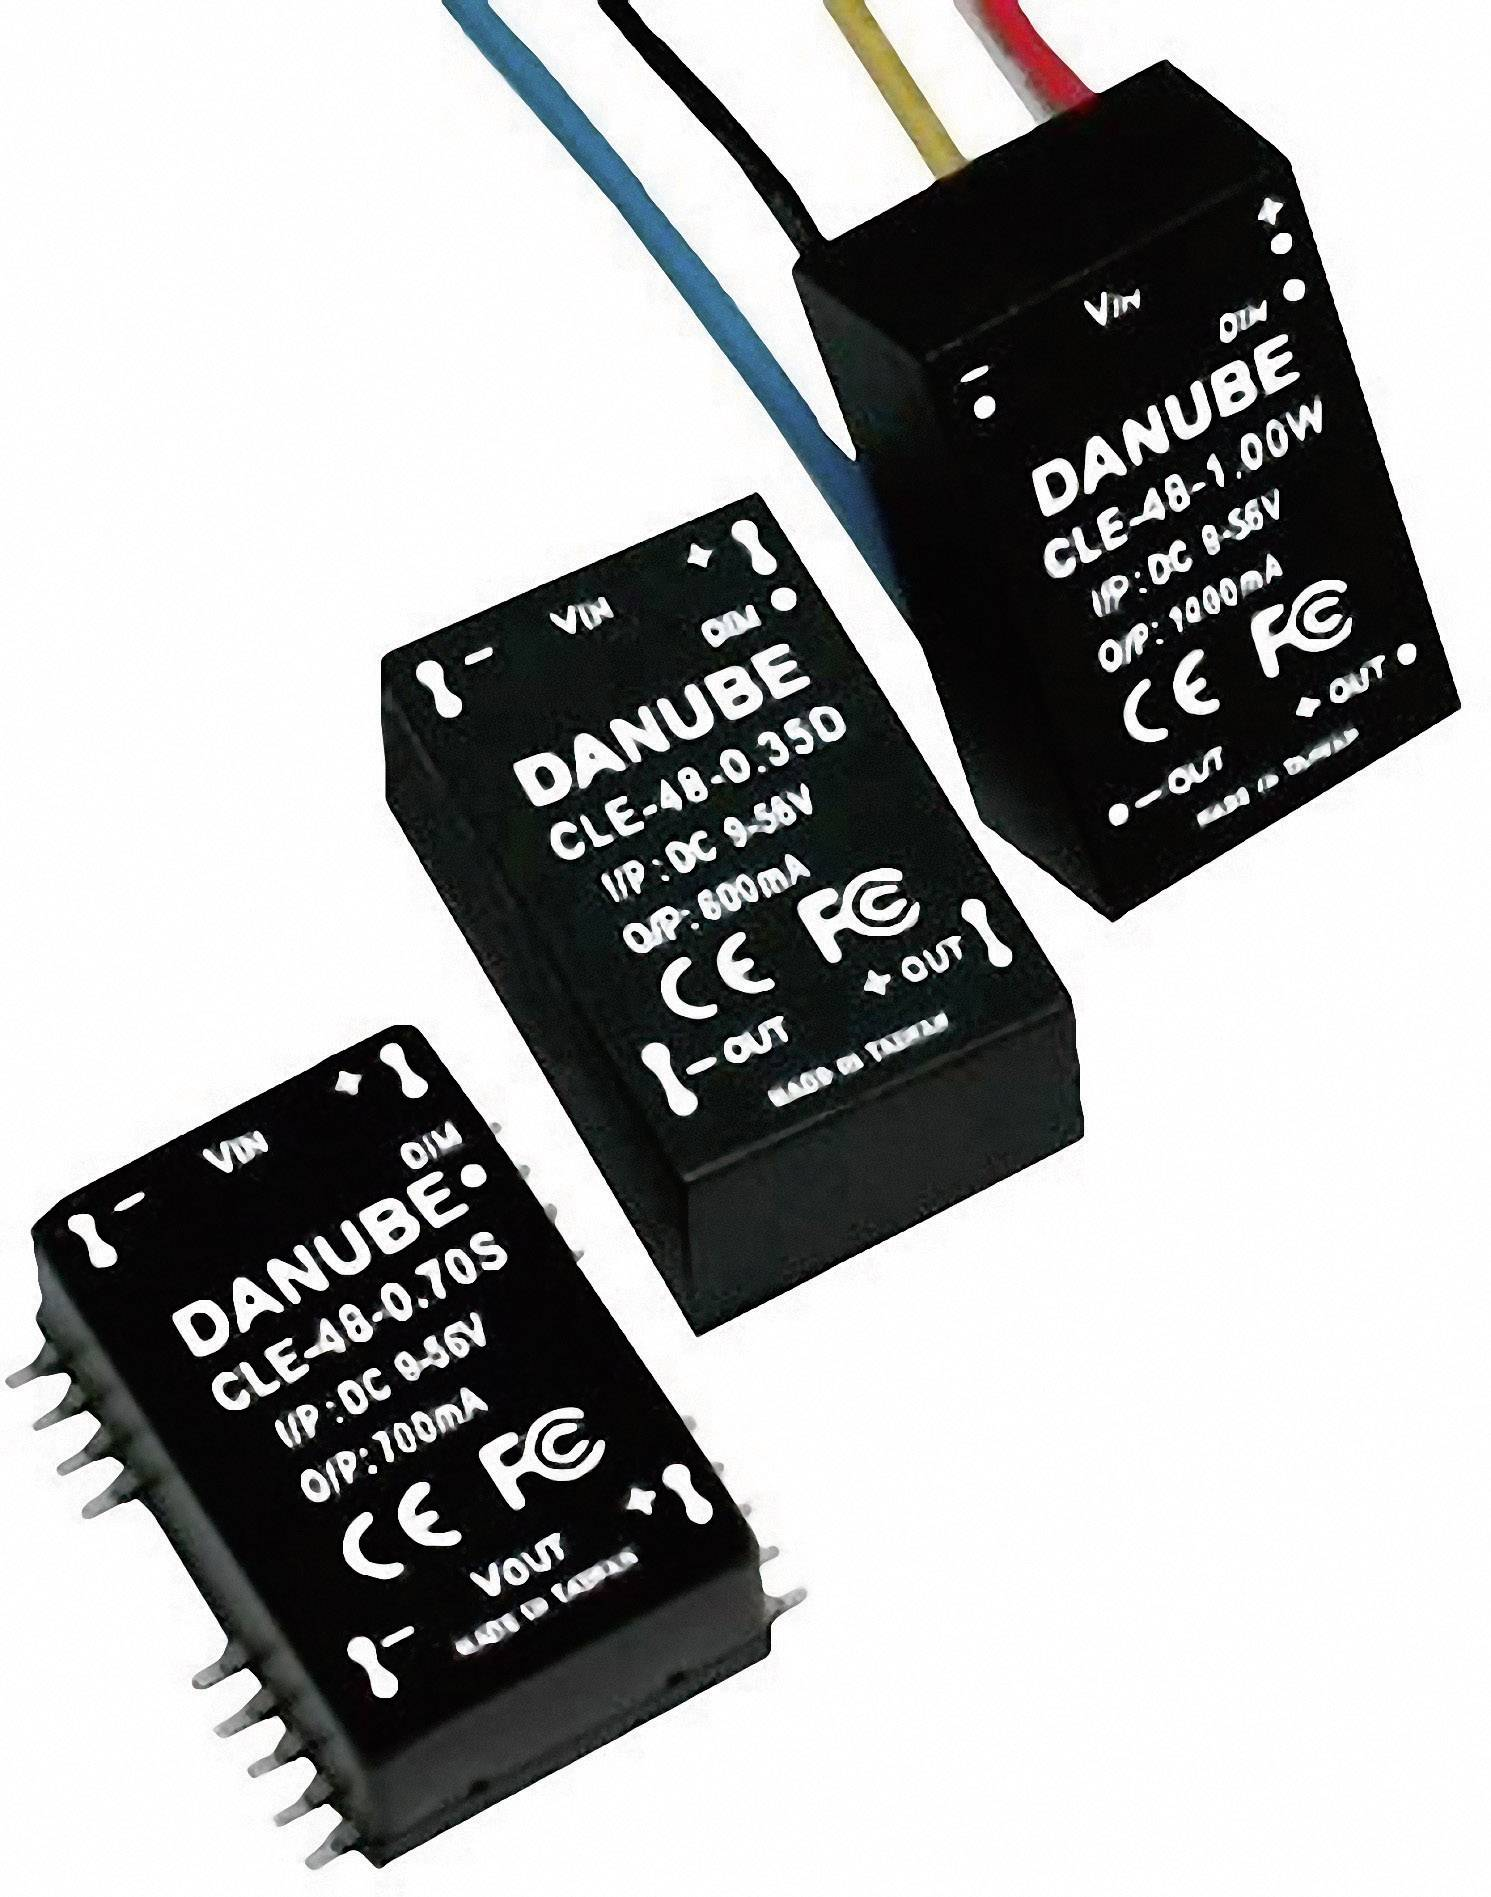 LED driver Danube CLE-48-0.35D, funkce On / Off/stmívání pomocí PWM, 9-56 V/DC